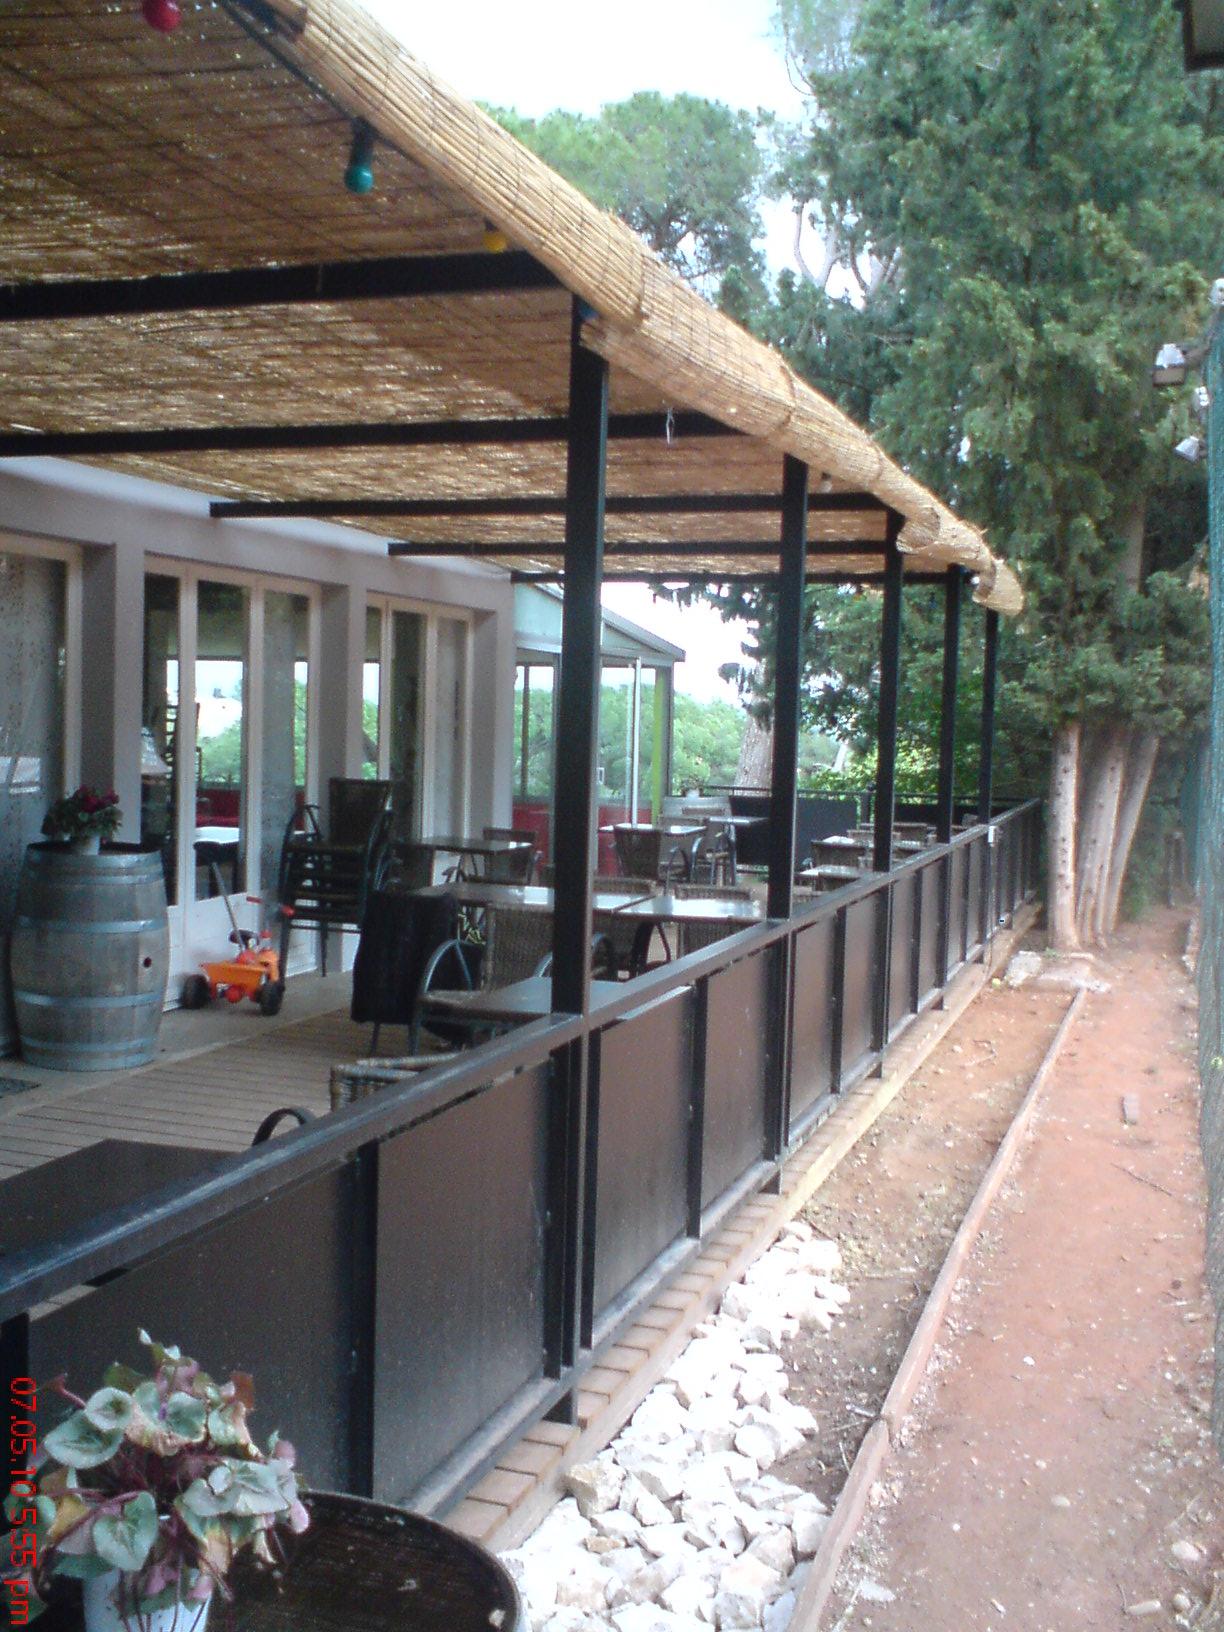 Restaurant Canopy, Pergola